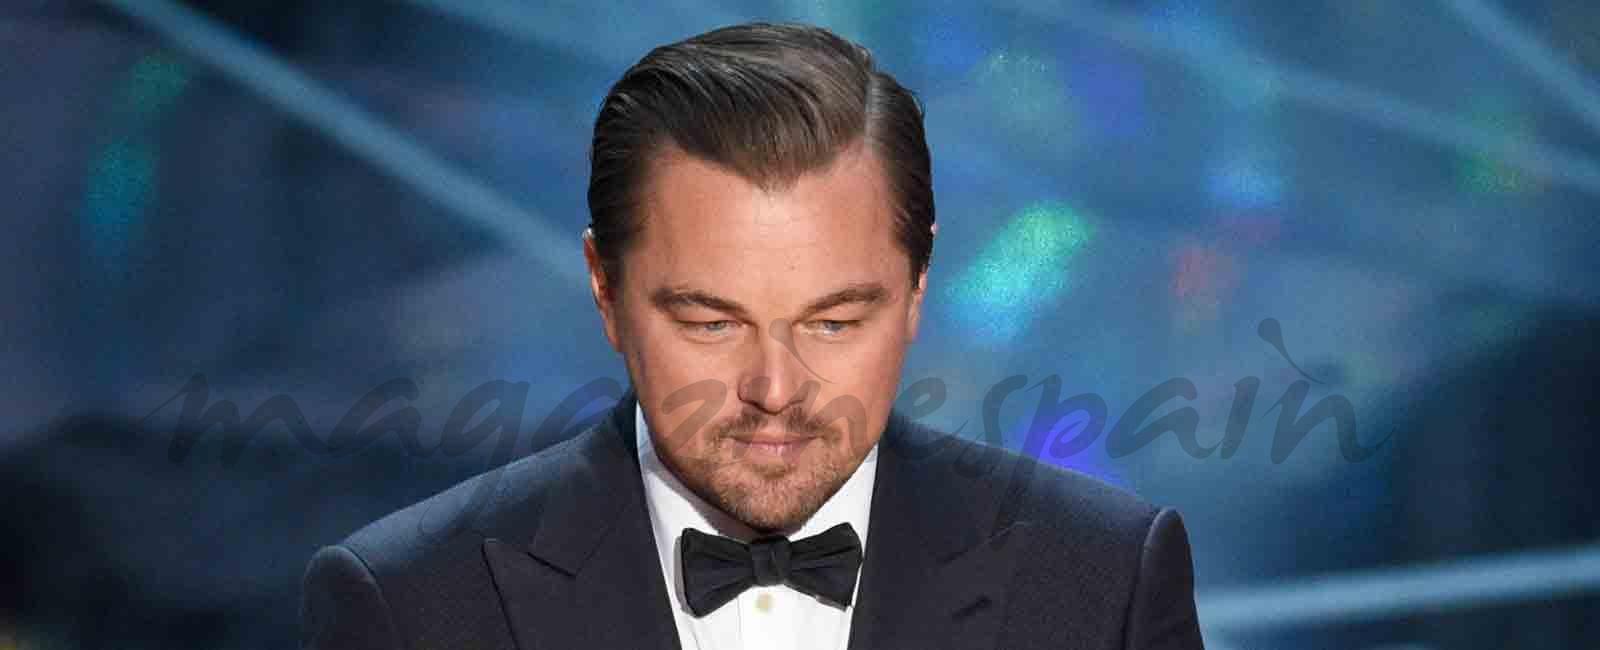 Leonardo DiCaprio, el soltero más codiciado de Hollywood, cumple 43 años